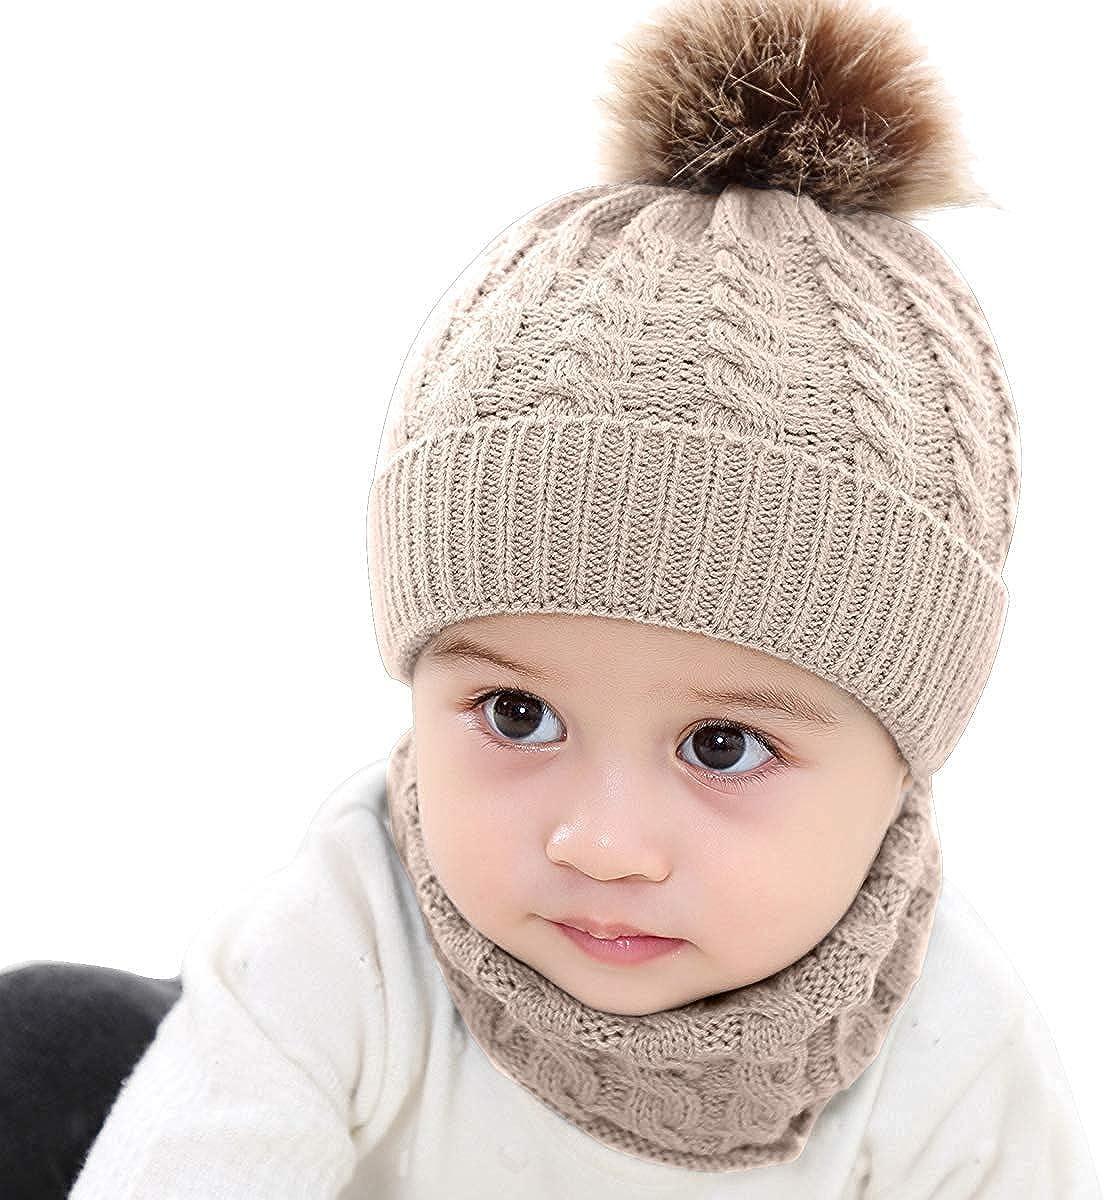 Toddler Baby Kids Winter Warm Double Pom Bobble Knit Hat Beanie cap Sciarpa Set Paraorecchie Beanie Regalo Cappello Lavorato a Maglia Set Sciarpa Fazzoletto Caldo Cappello Set di Sciarpe per Bambini